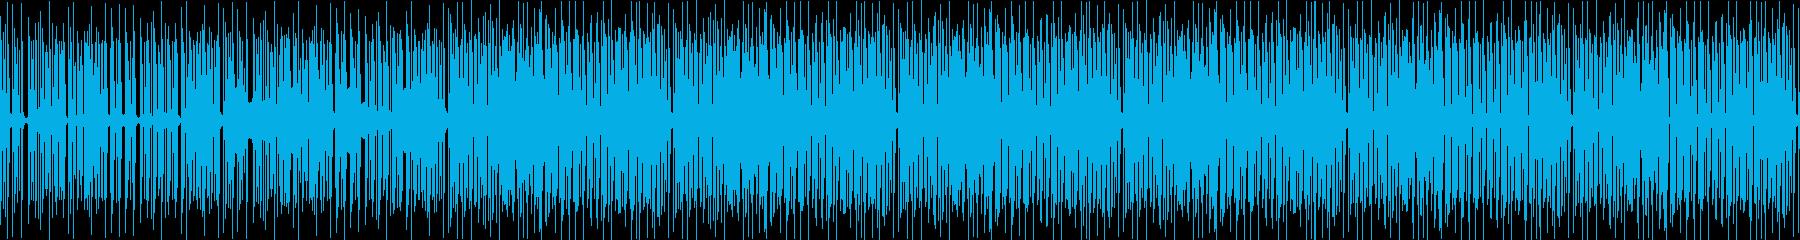 ランダムでトリッキーなドラミングビートの再生済みの波形